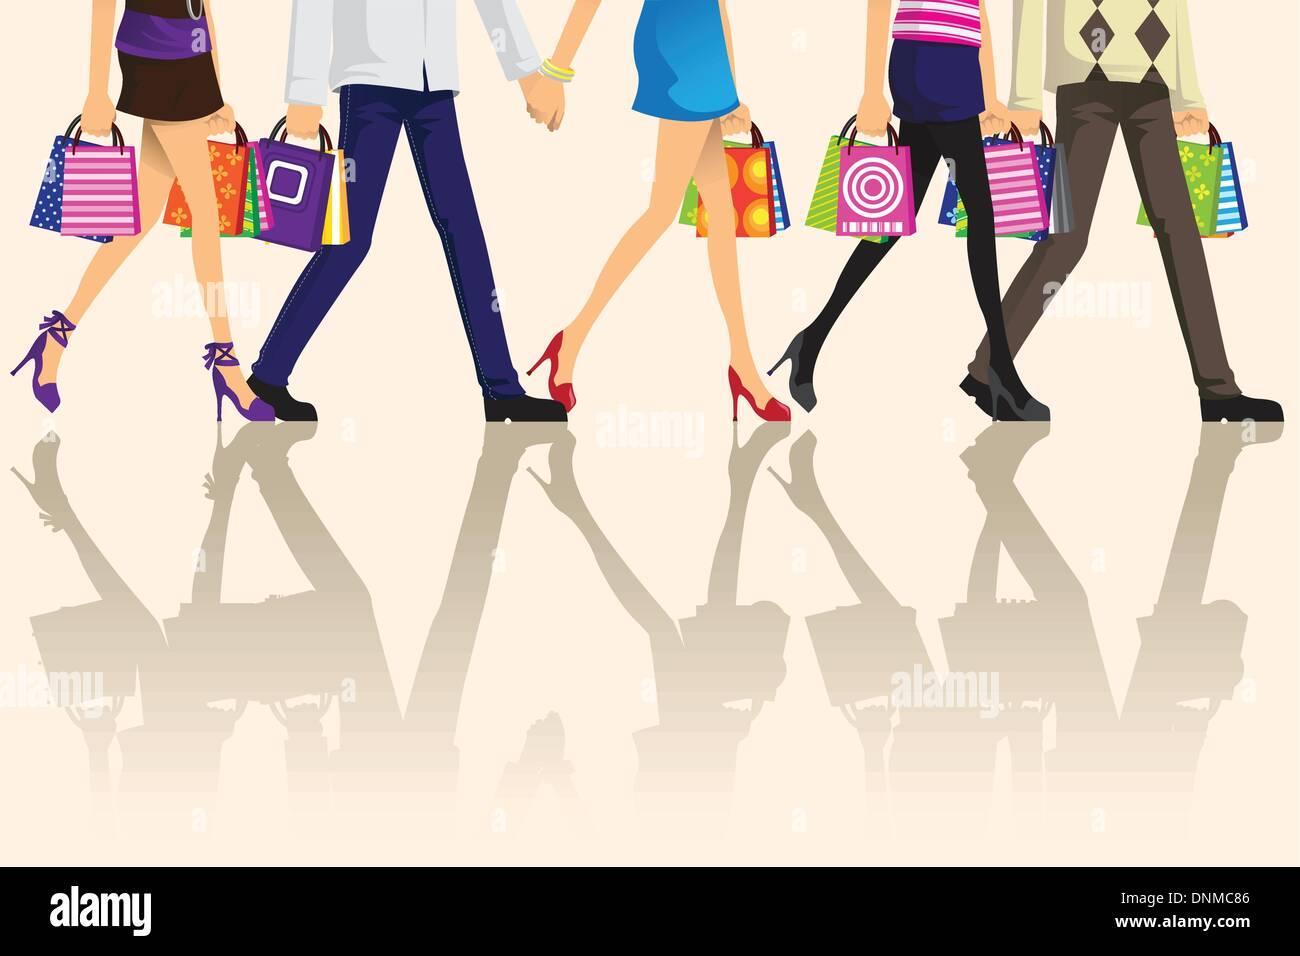 Eine Vektor-Illustration des Einkaufens Menschen Einkaufstaschen tragen Stockbild